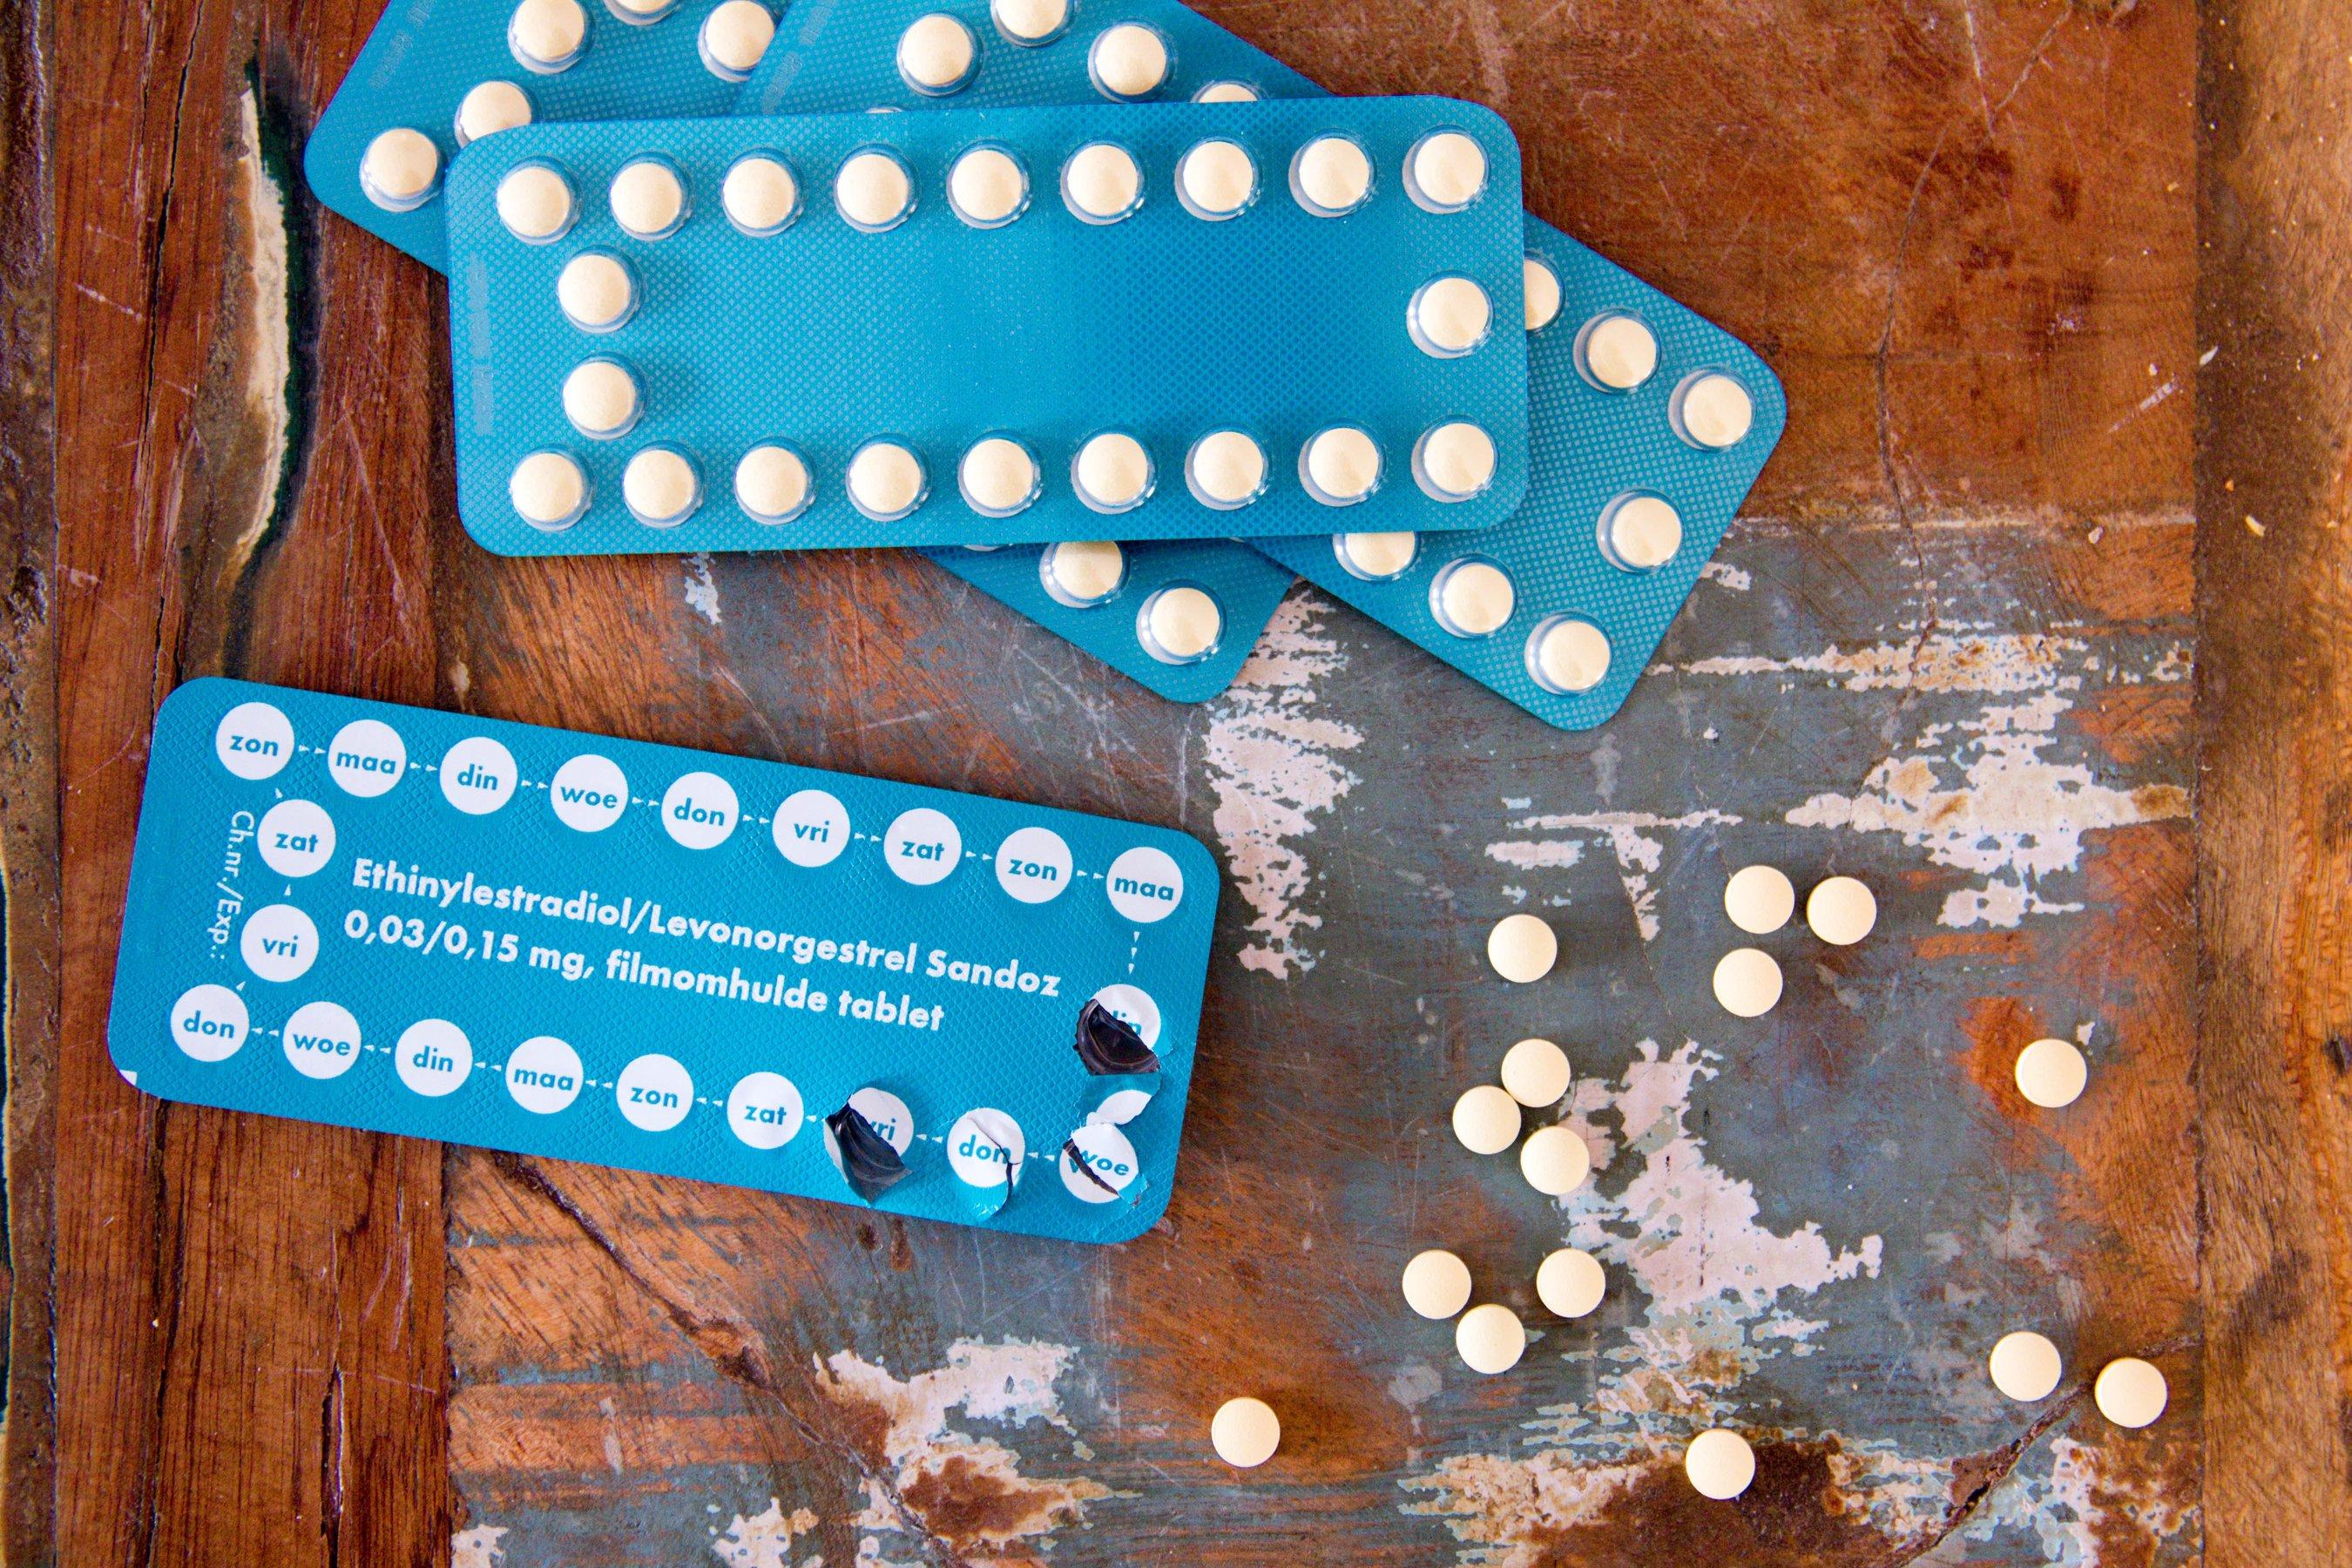 womens health birth control